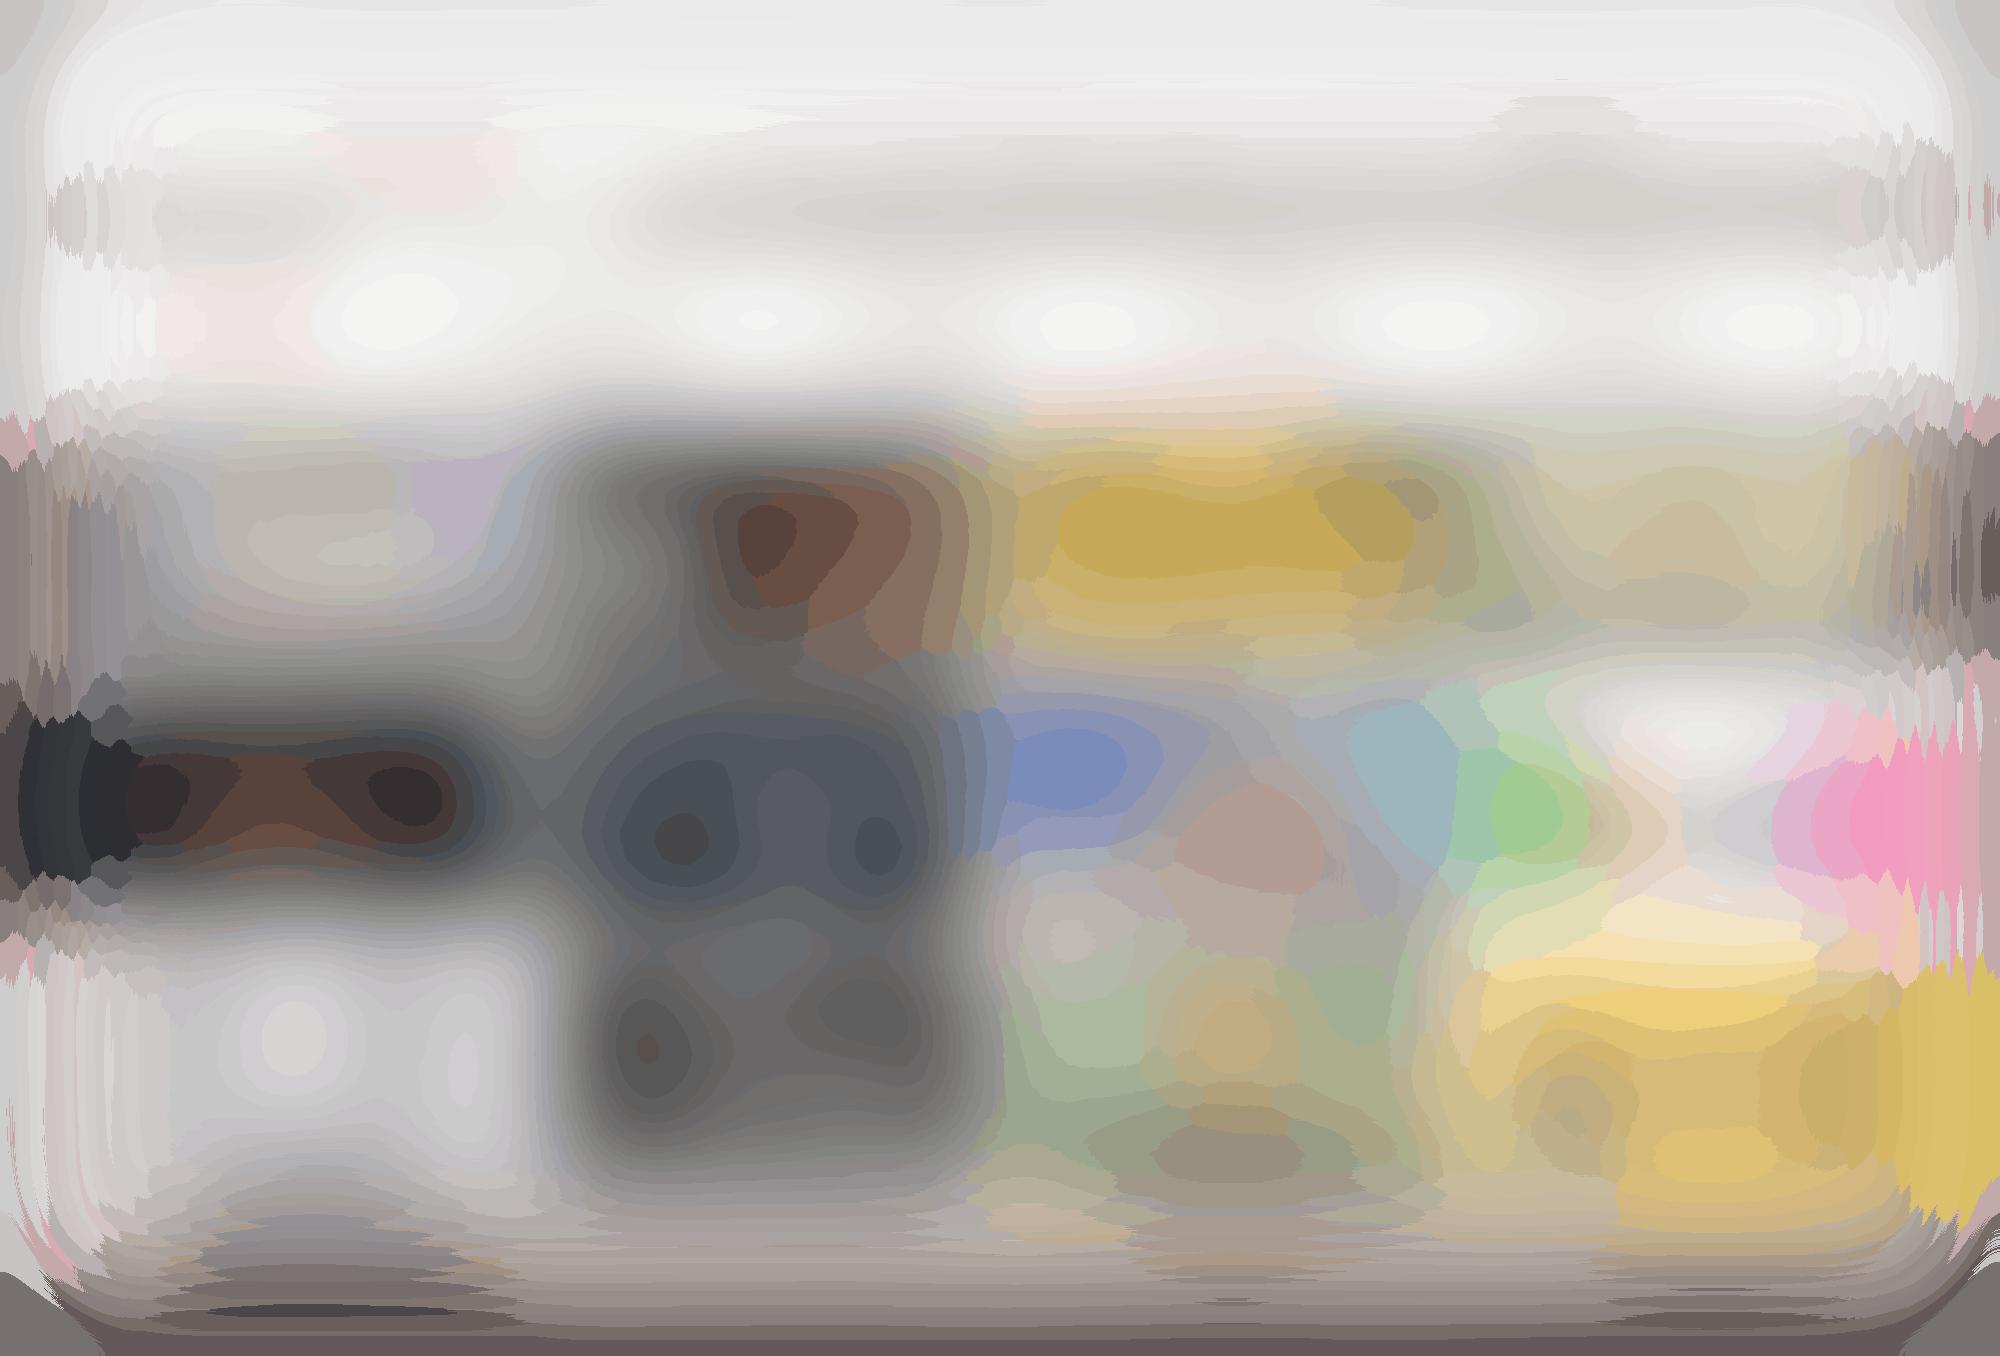 Screen Shot 2017 10 25 at 16 39 19 autocompressfitresizeixlibphp 1 1 0max h2000max w3 D2000q80s957f4283ad615acb7d8fcf85f50b2251